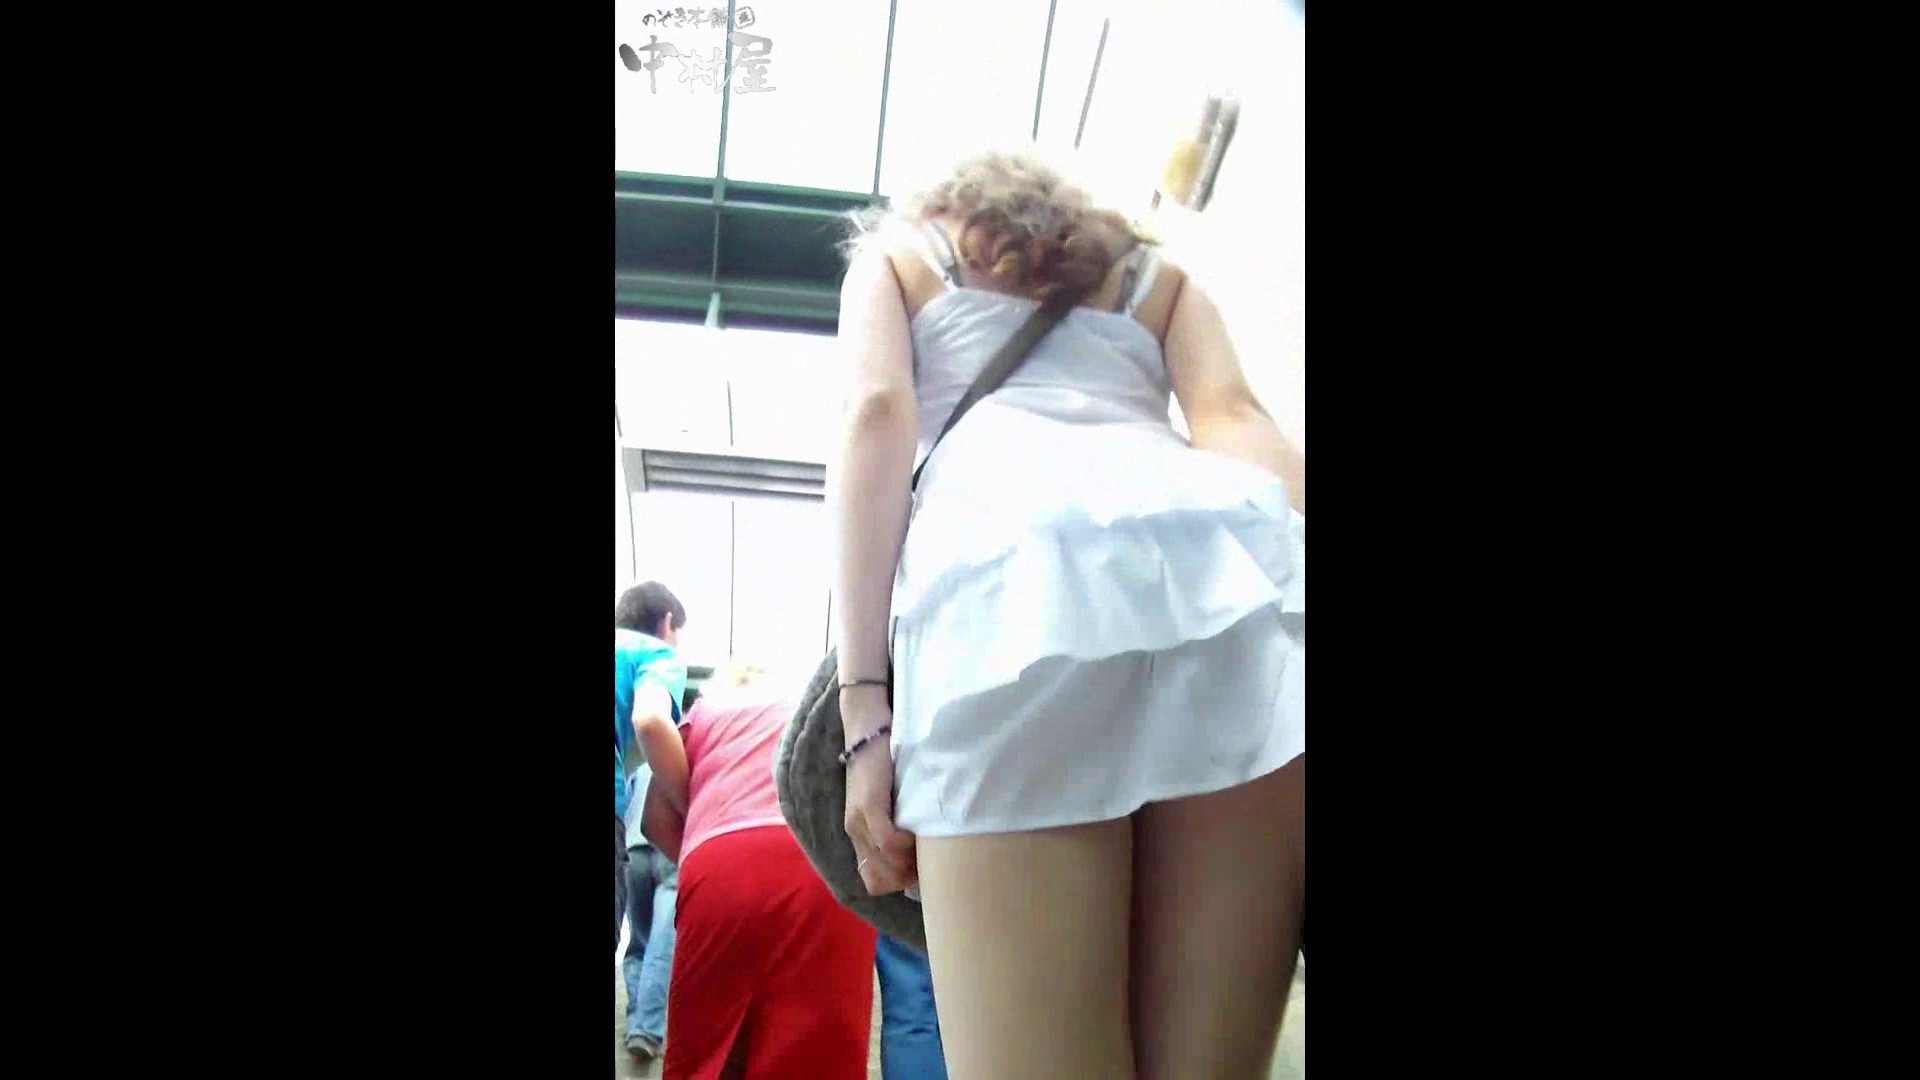 綺麗なモデルさんのスカート捲っちゃおう‼ vol16 OLセックス   お姉さんヌード  100画像 51